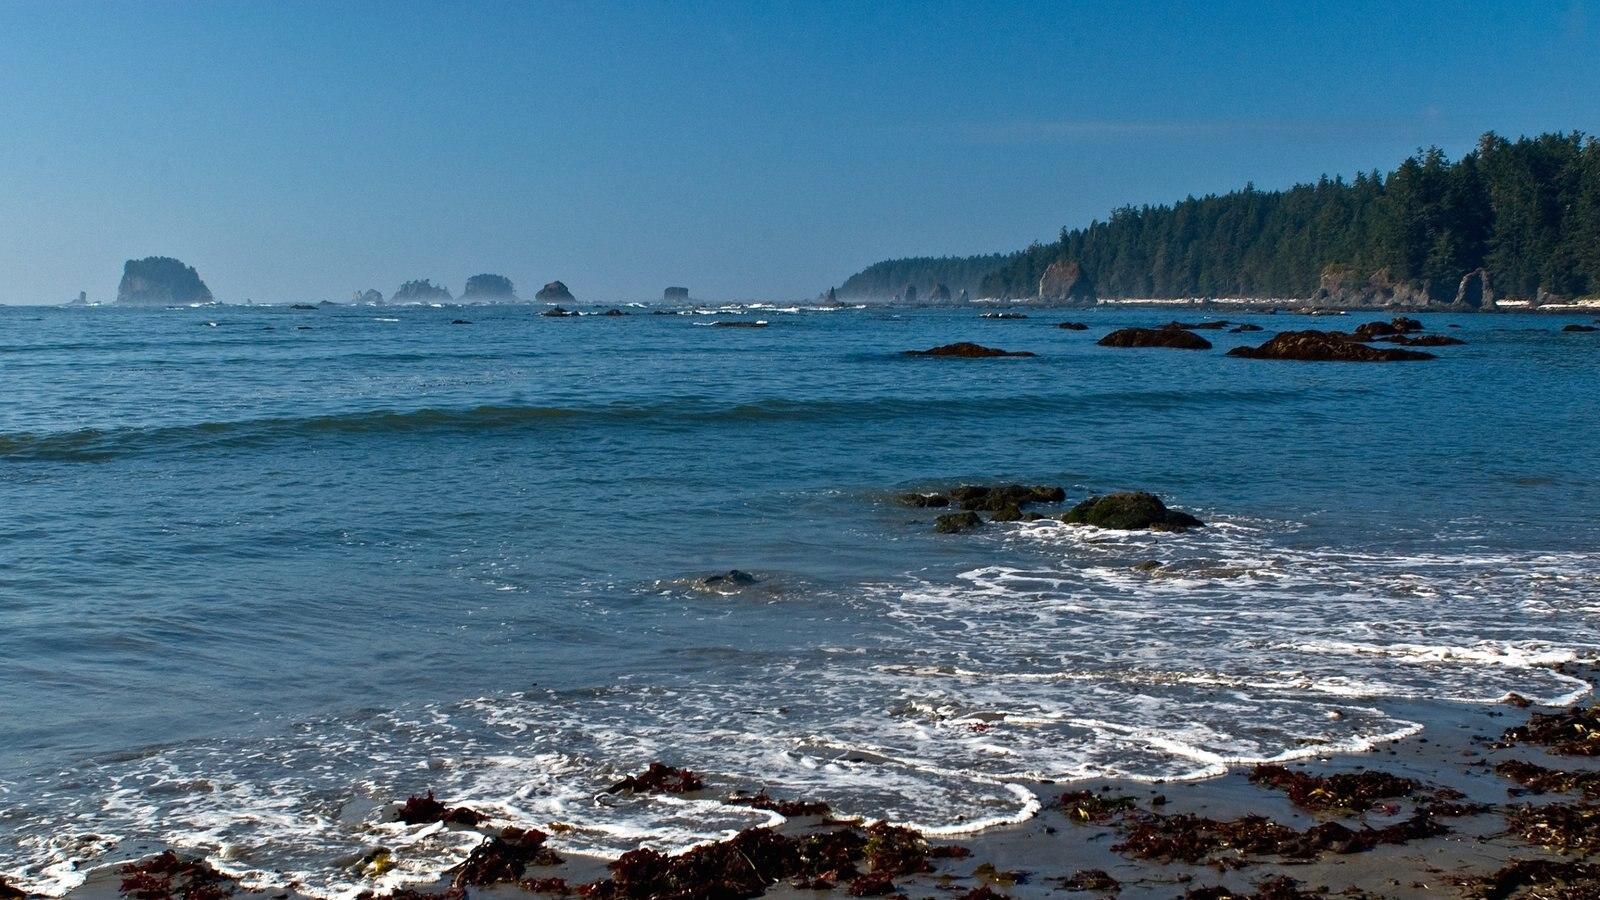 Washington ofreciendo vistas generales de la costa